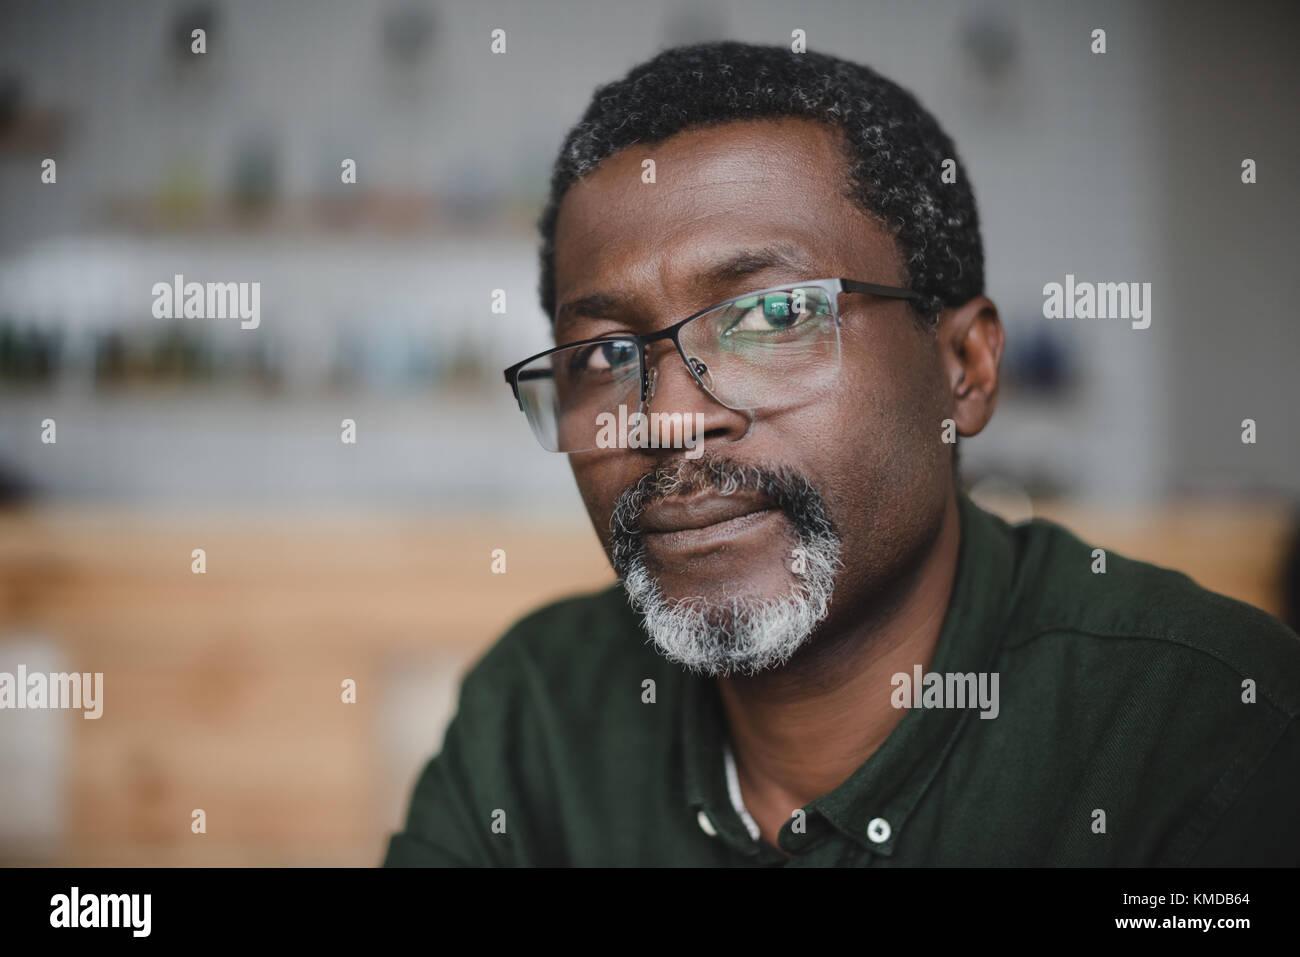 Reifen afrikanische amerikanische Mann in bar Stockbild